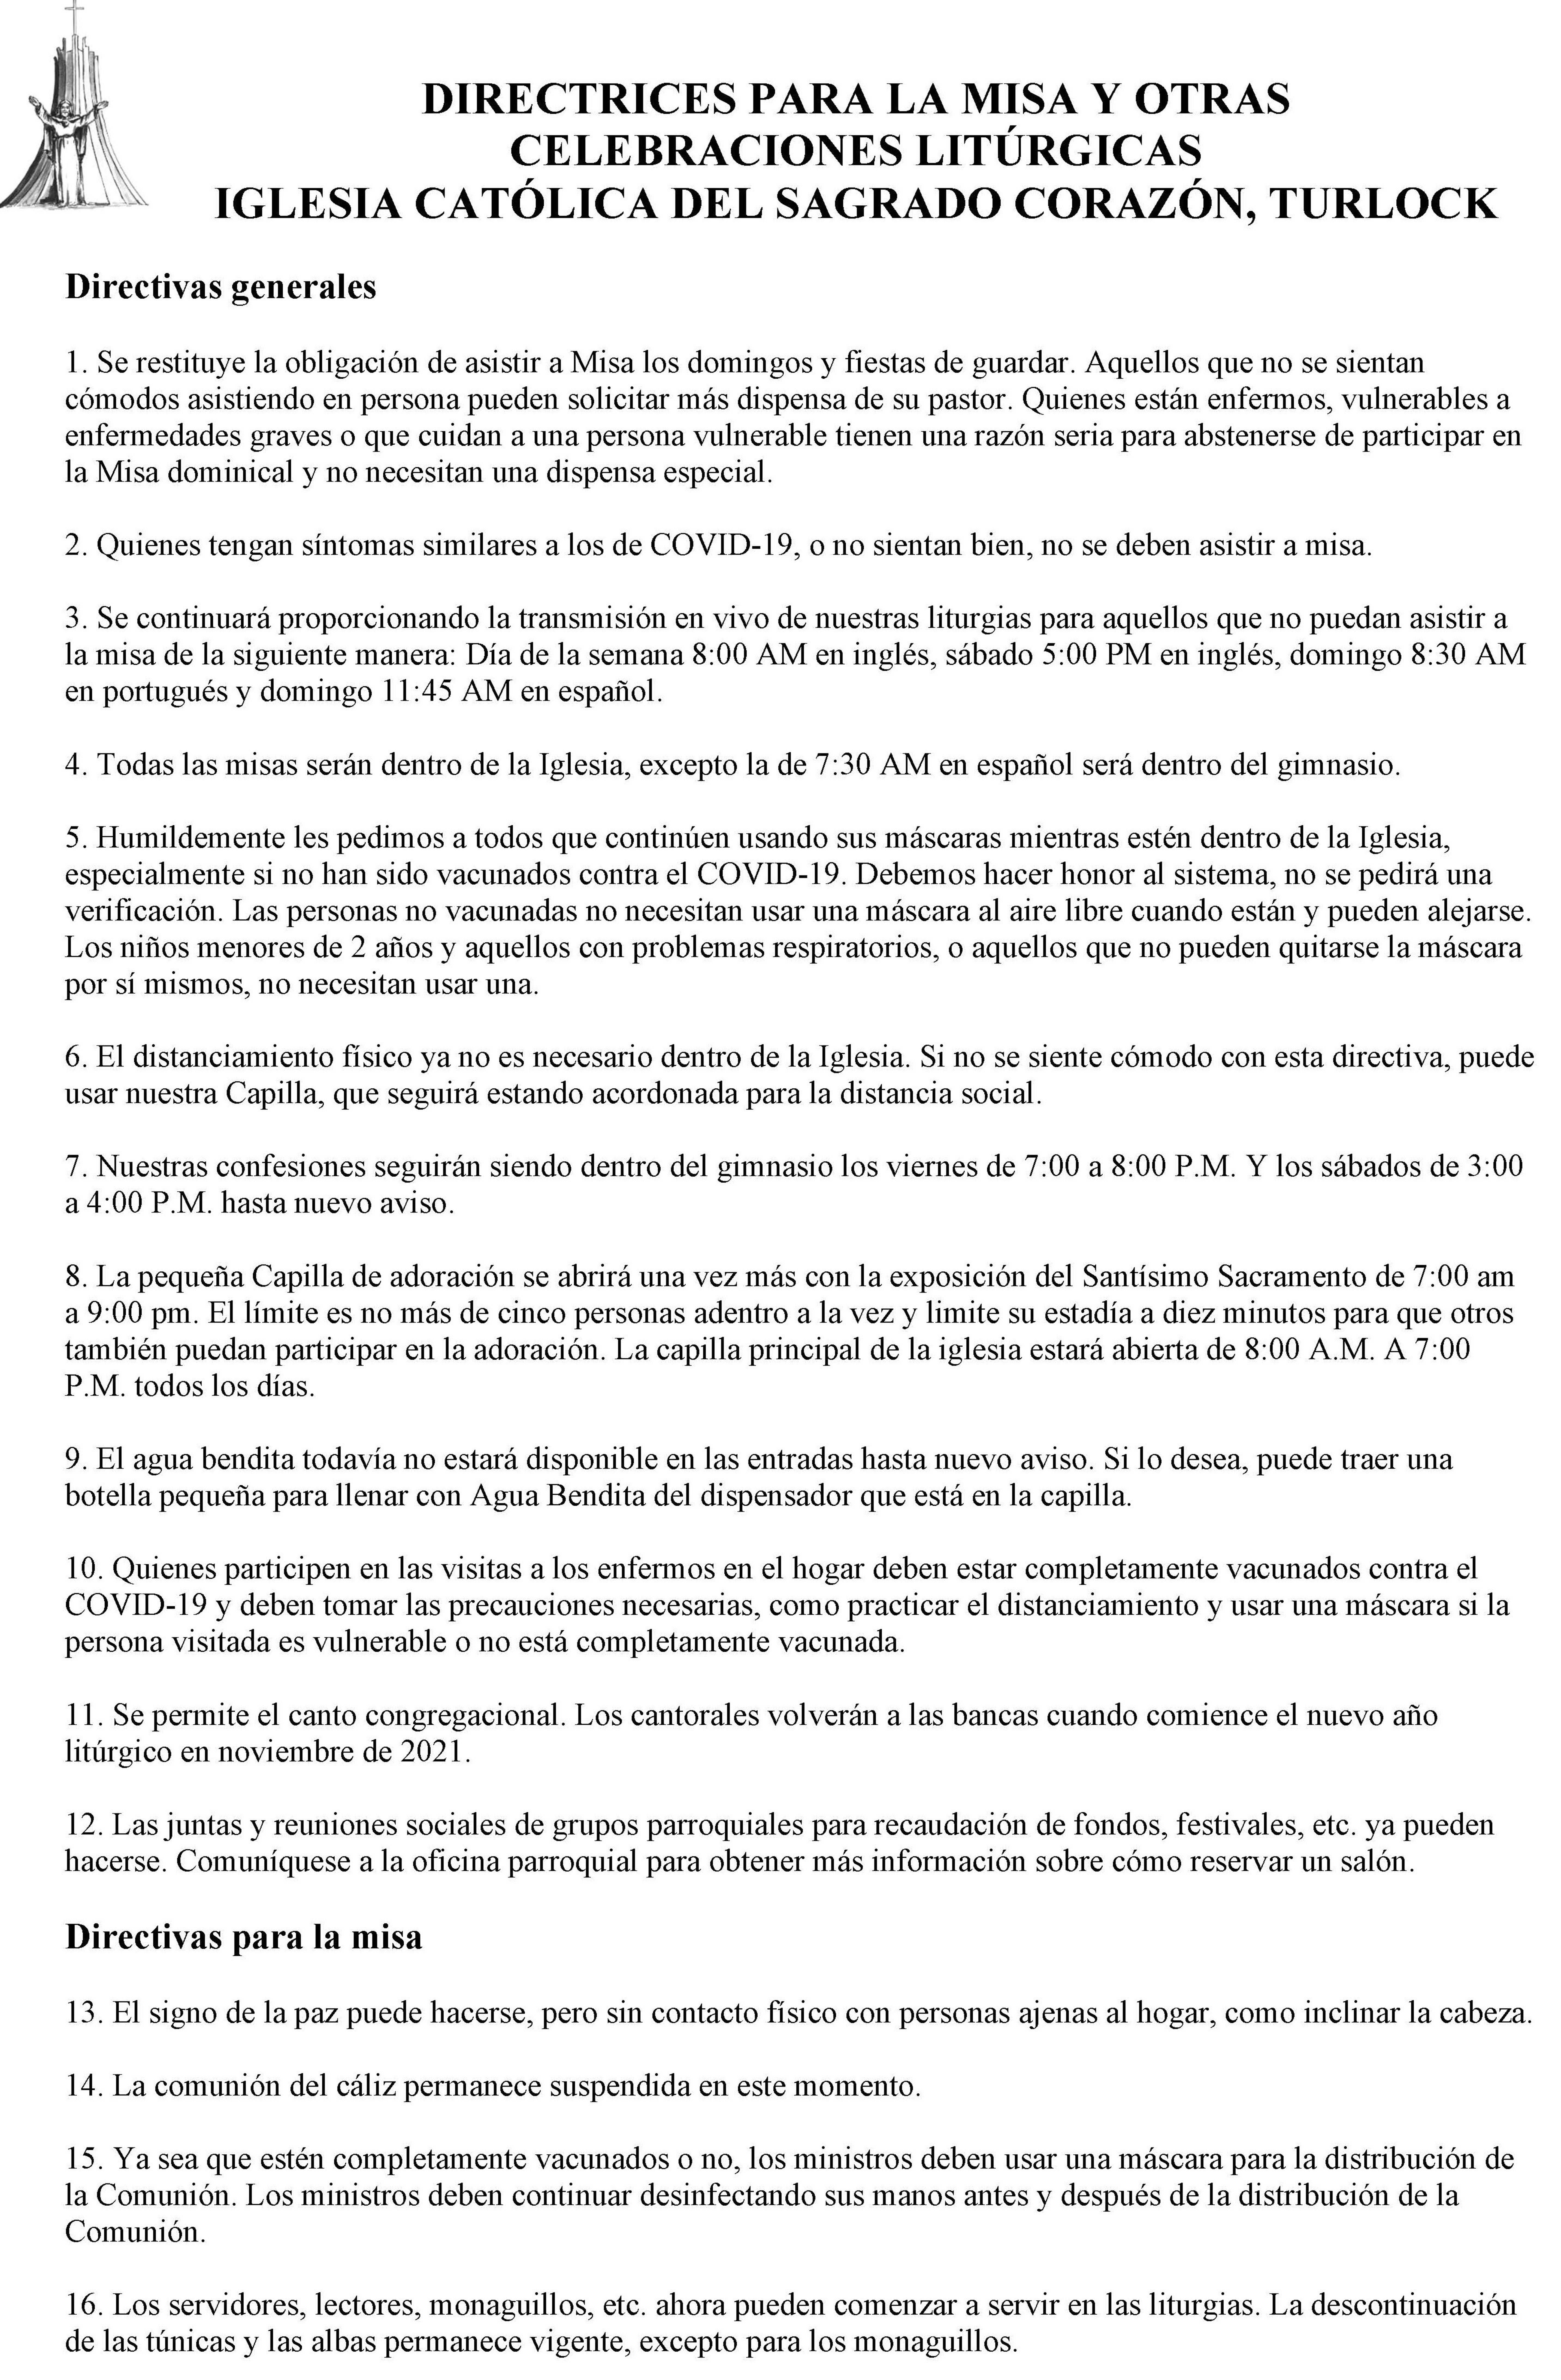 Directivas En Espanol 2021